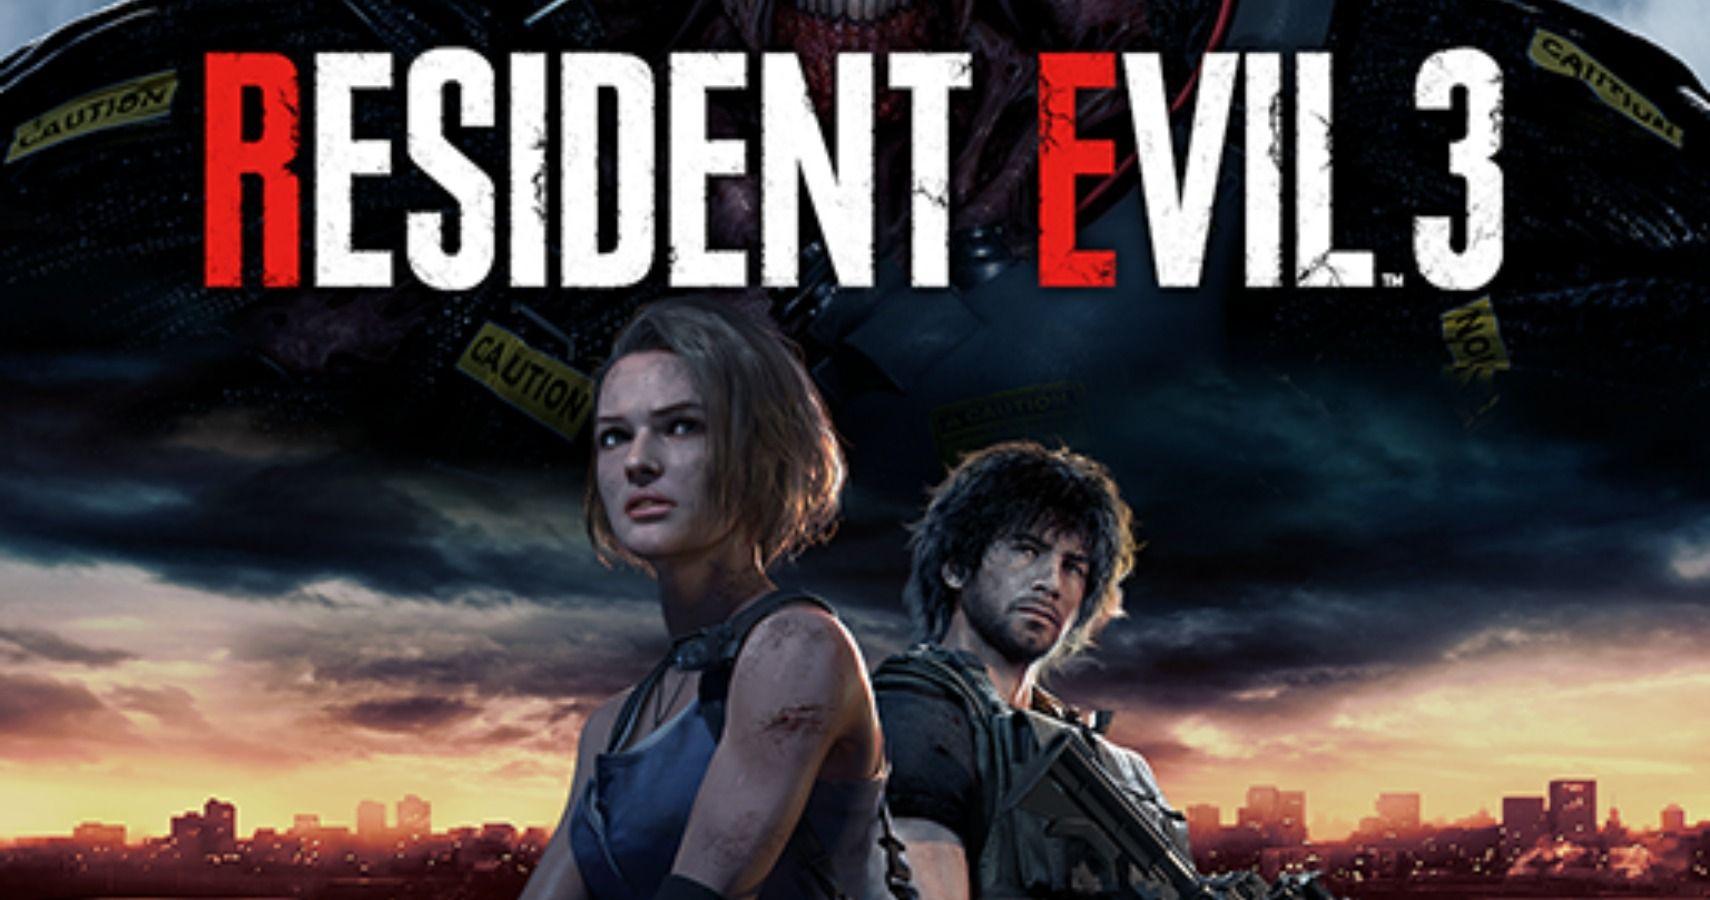 Leaked Artwork Confirms Resident Evil 3 Remake Thegamer